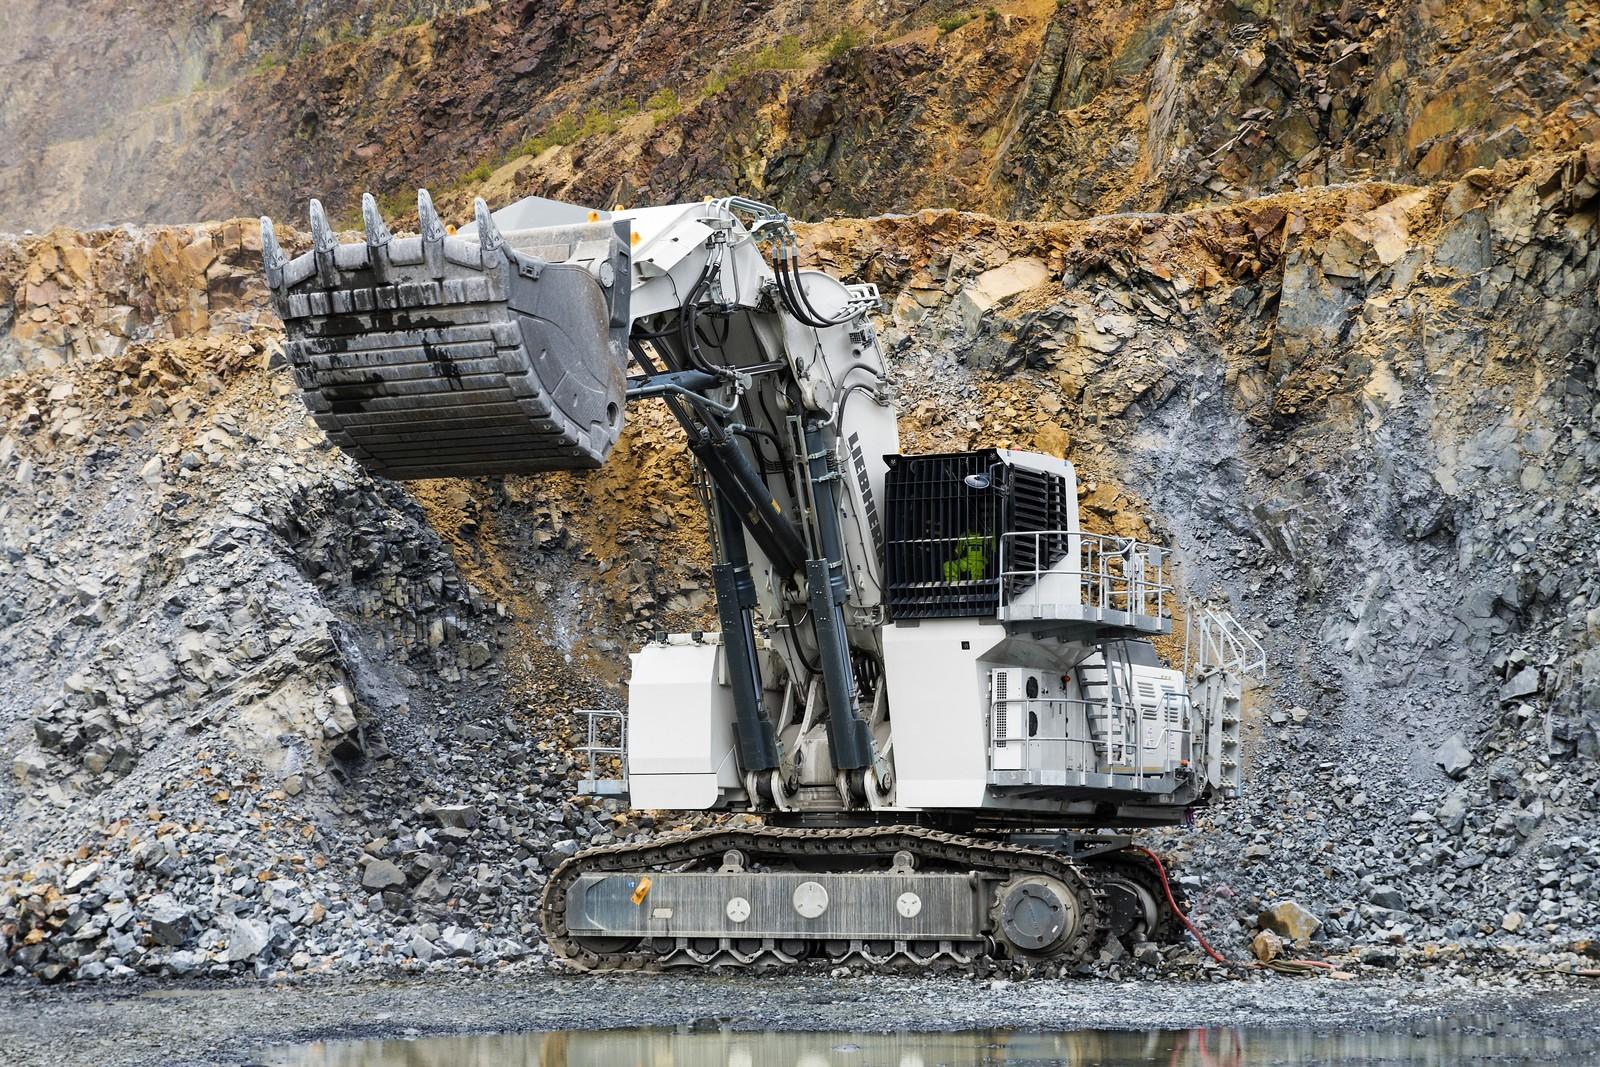 Bis zu 140 t wuchtet die Schaufel des Liebherr R9200 E. Die gigantische Maschine ist so groß, dass ein Akku für ihren Betrieb nicht ausreicht – 300 m Kabel liefern den benötigten Strom aus der Steckdose.